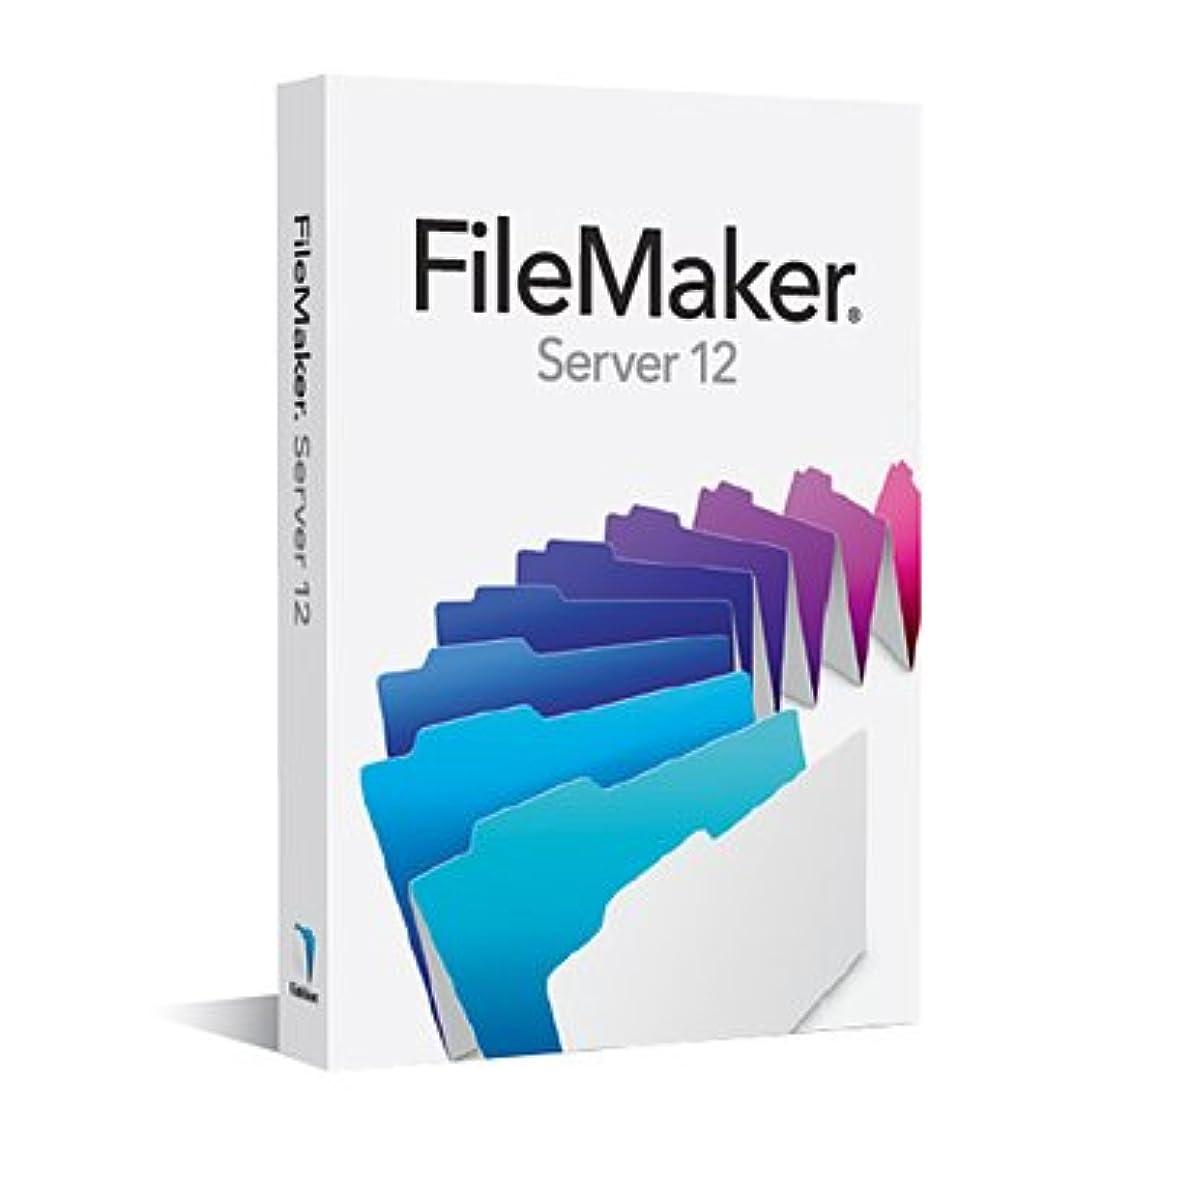 不満再発する読者◆日本語対応版◆FileMaker(ファイルメーカー)  Server 12◆アカデミック版◆並行輸入品◆米国版